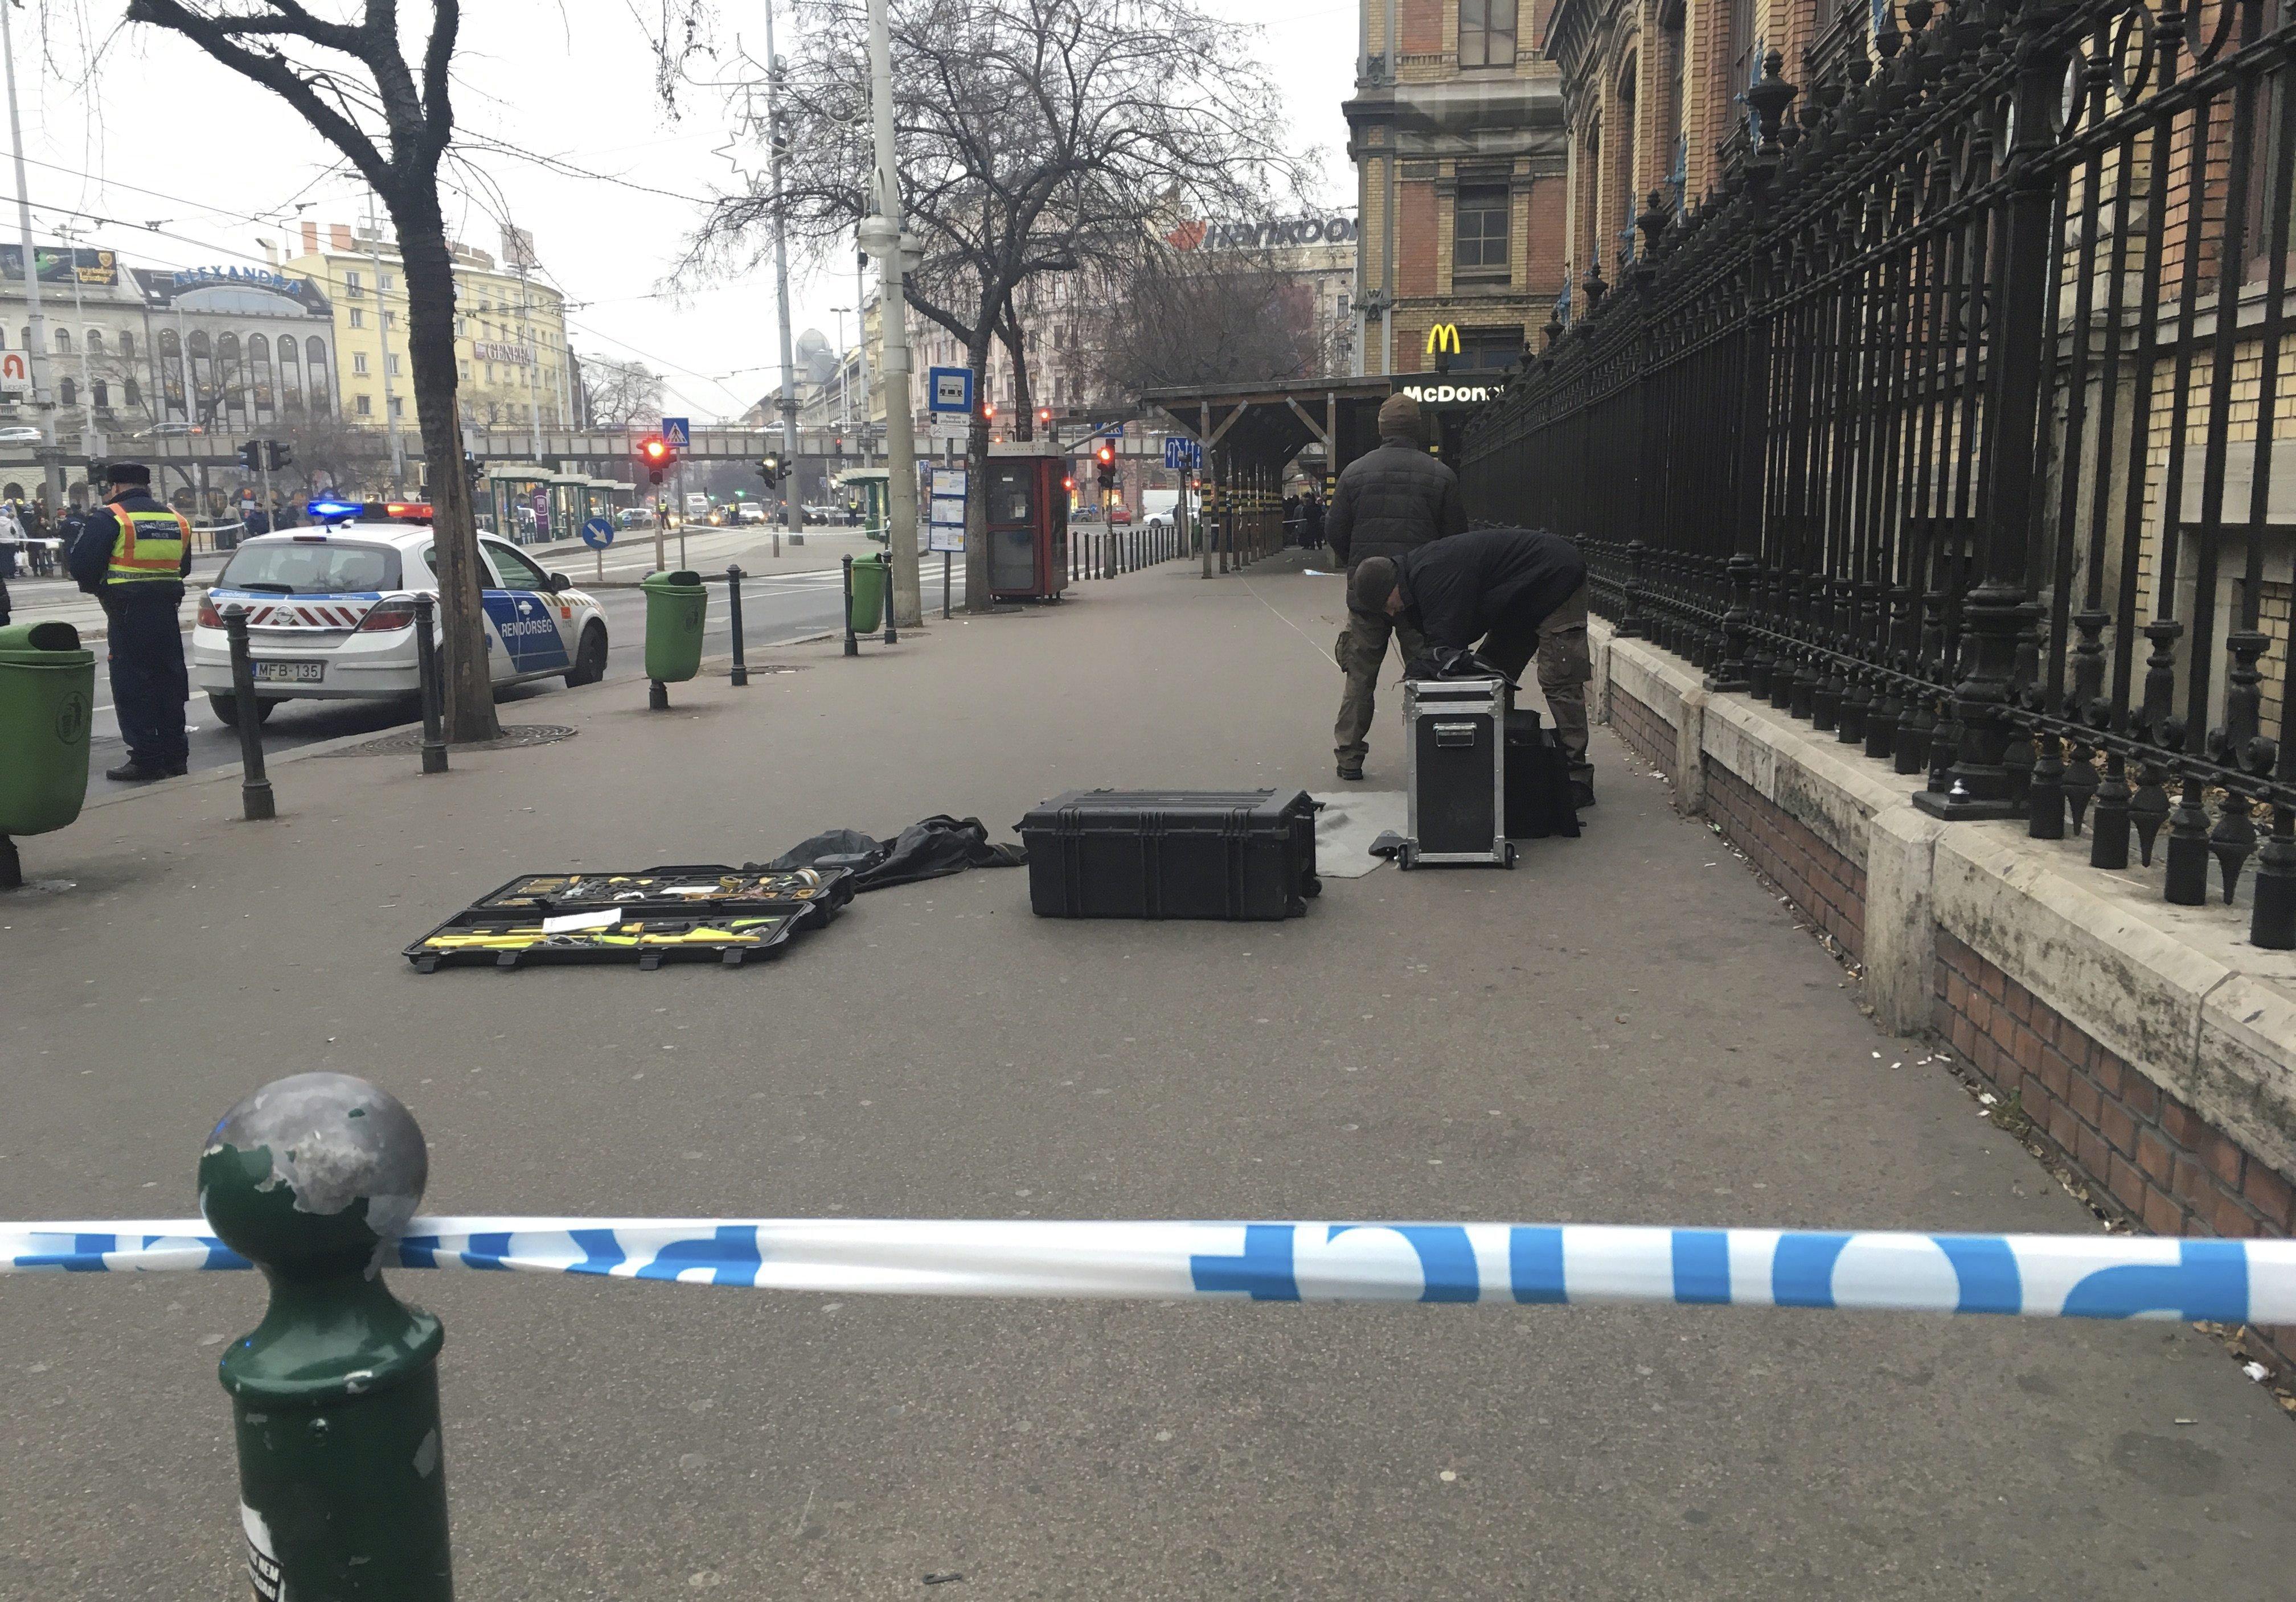 Gyanús csomag miatt zárták le a Nyugati pályaudvart és környékét